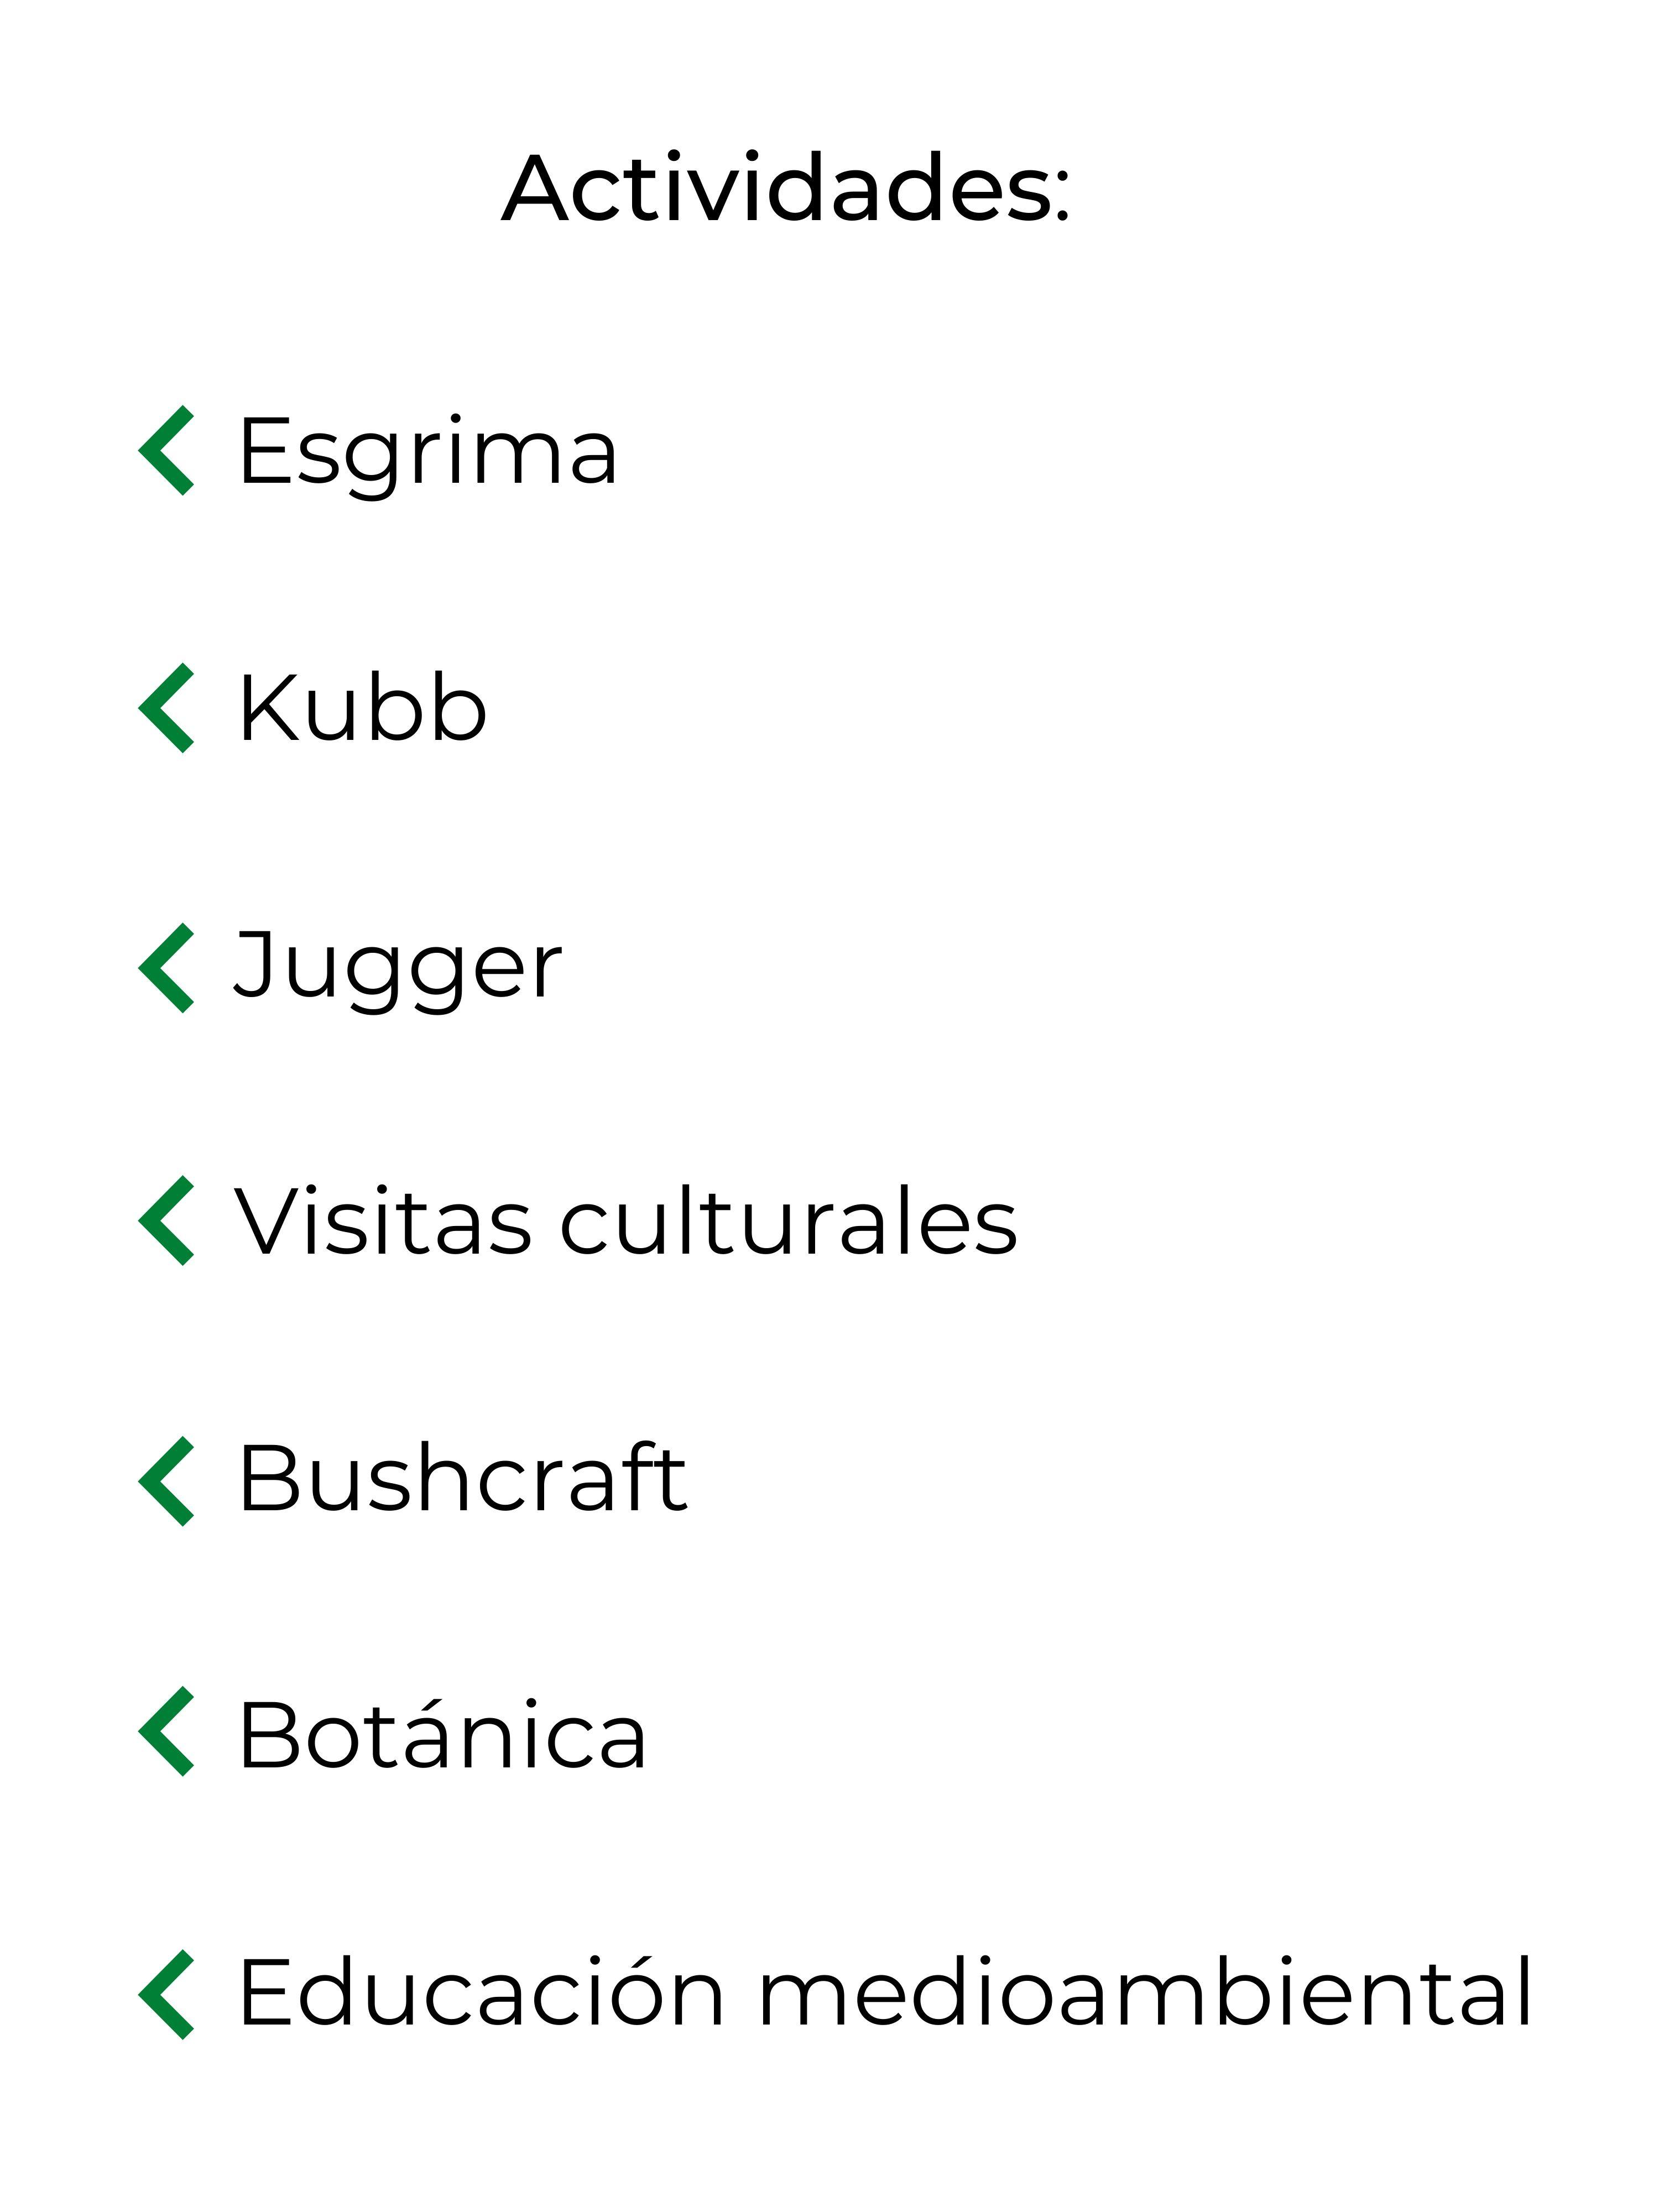 Esgrima Kubb Jugger Visitas culturales Bushcraft Botánica Educación medioambiental (1)